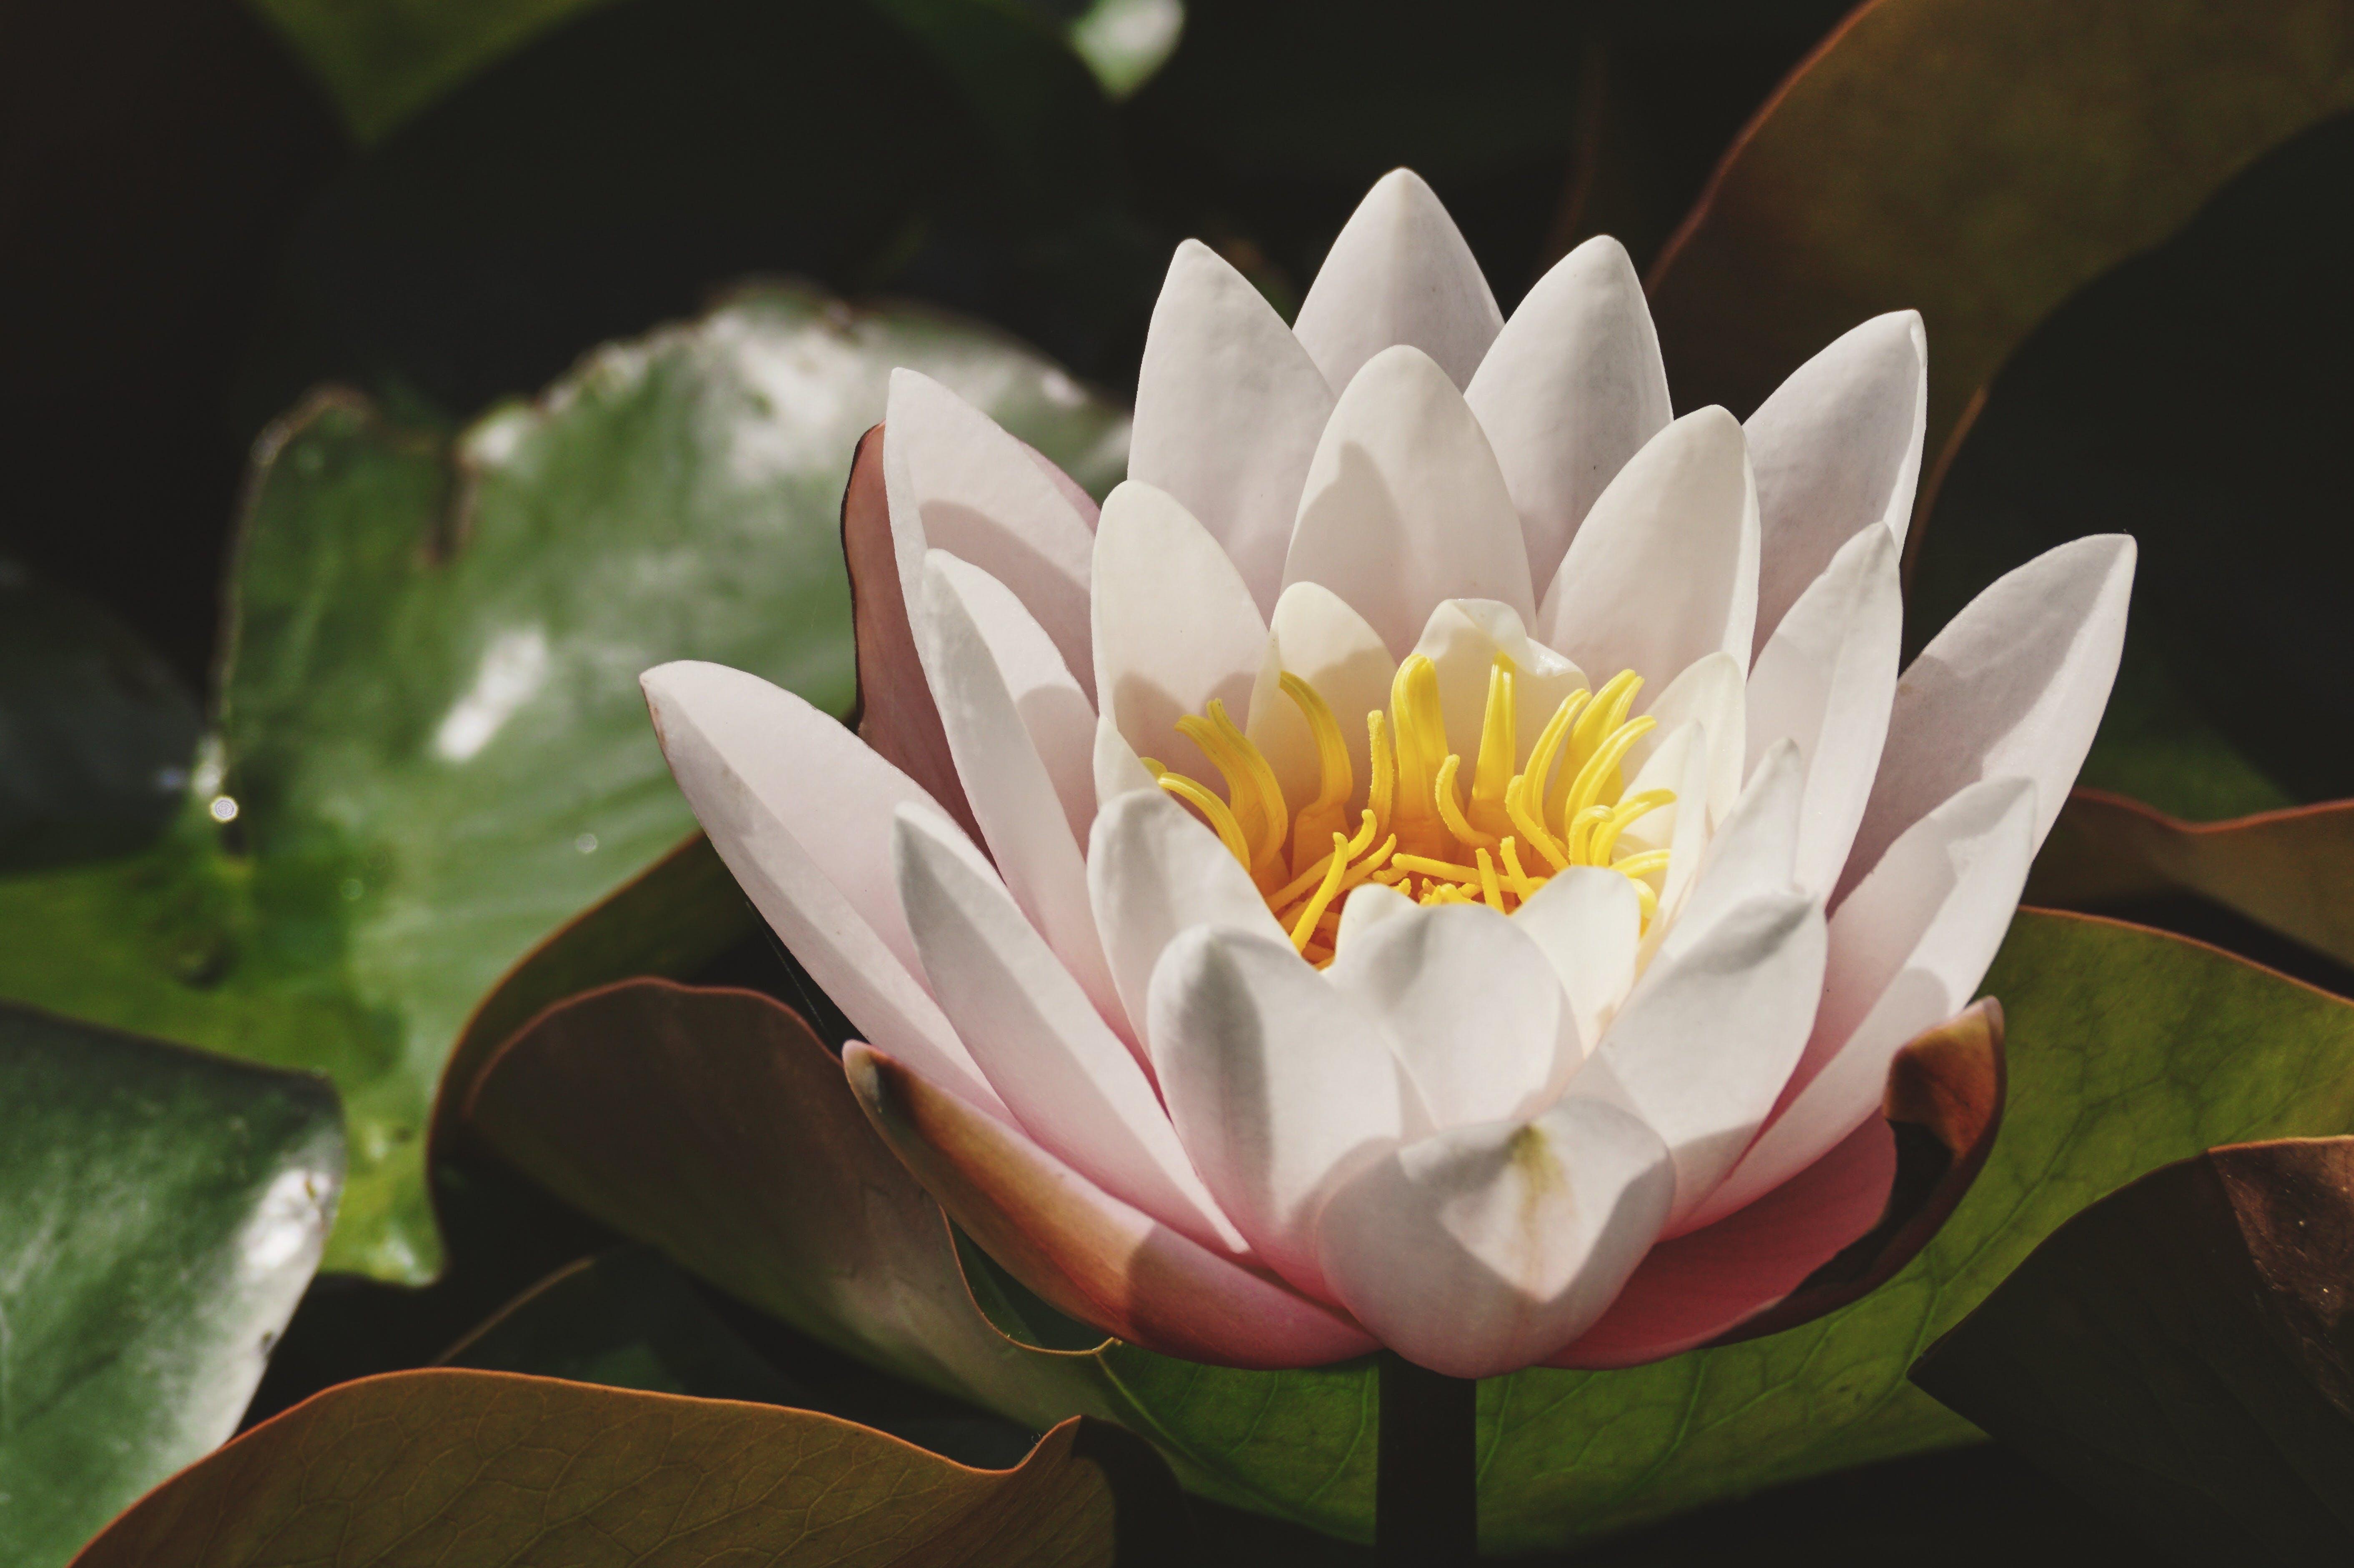 Ảnh lưu trữ miễn phí về cánh hoa, hệ thực vật, hoa huệ, hoa sen